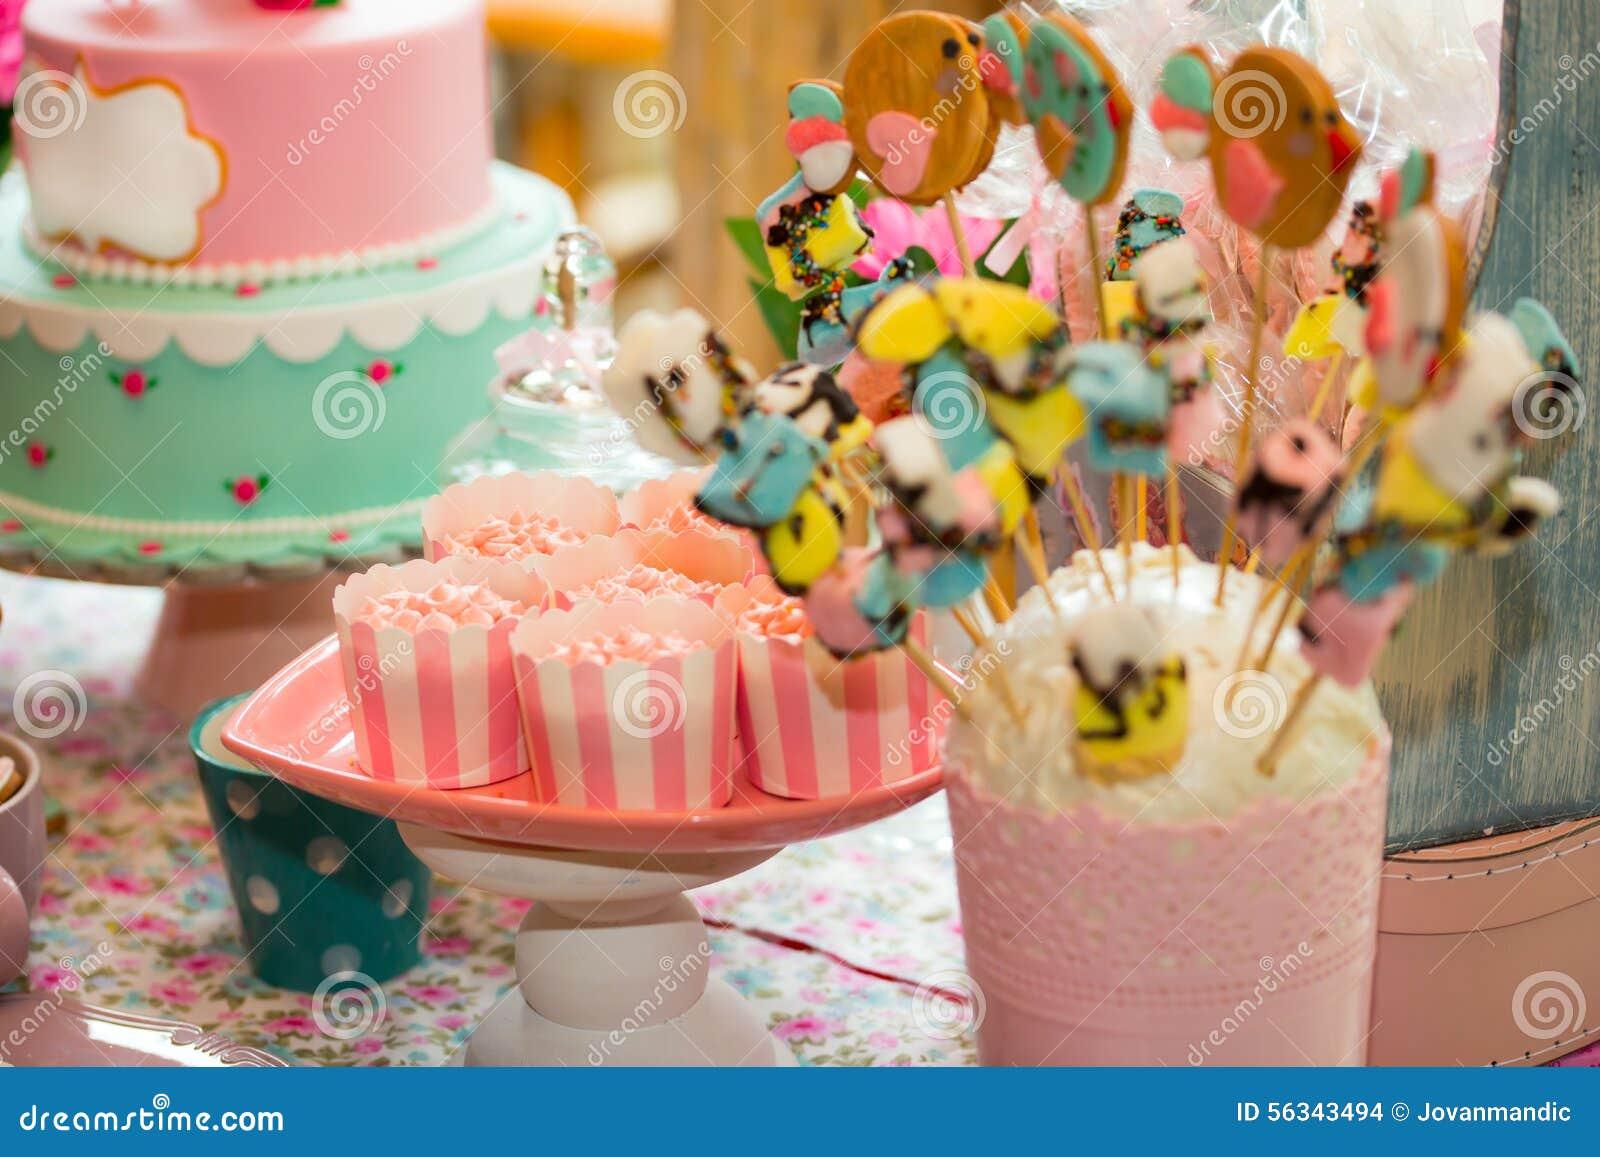 Urodziny Stół Z Cukierkami Dla Dziecka Przyjęcia Zdjęcie Stock